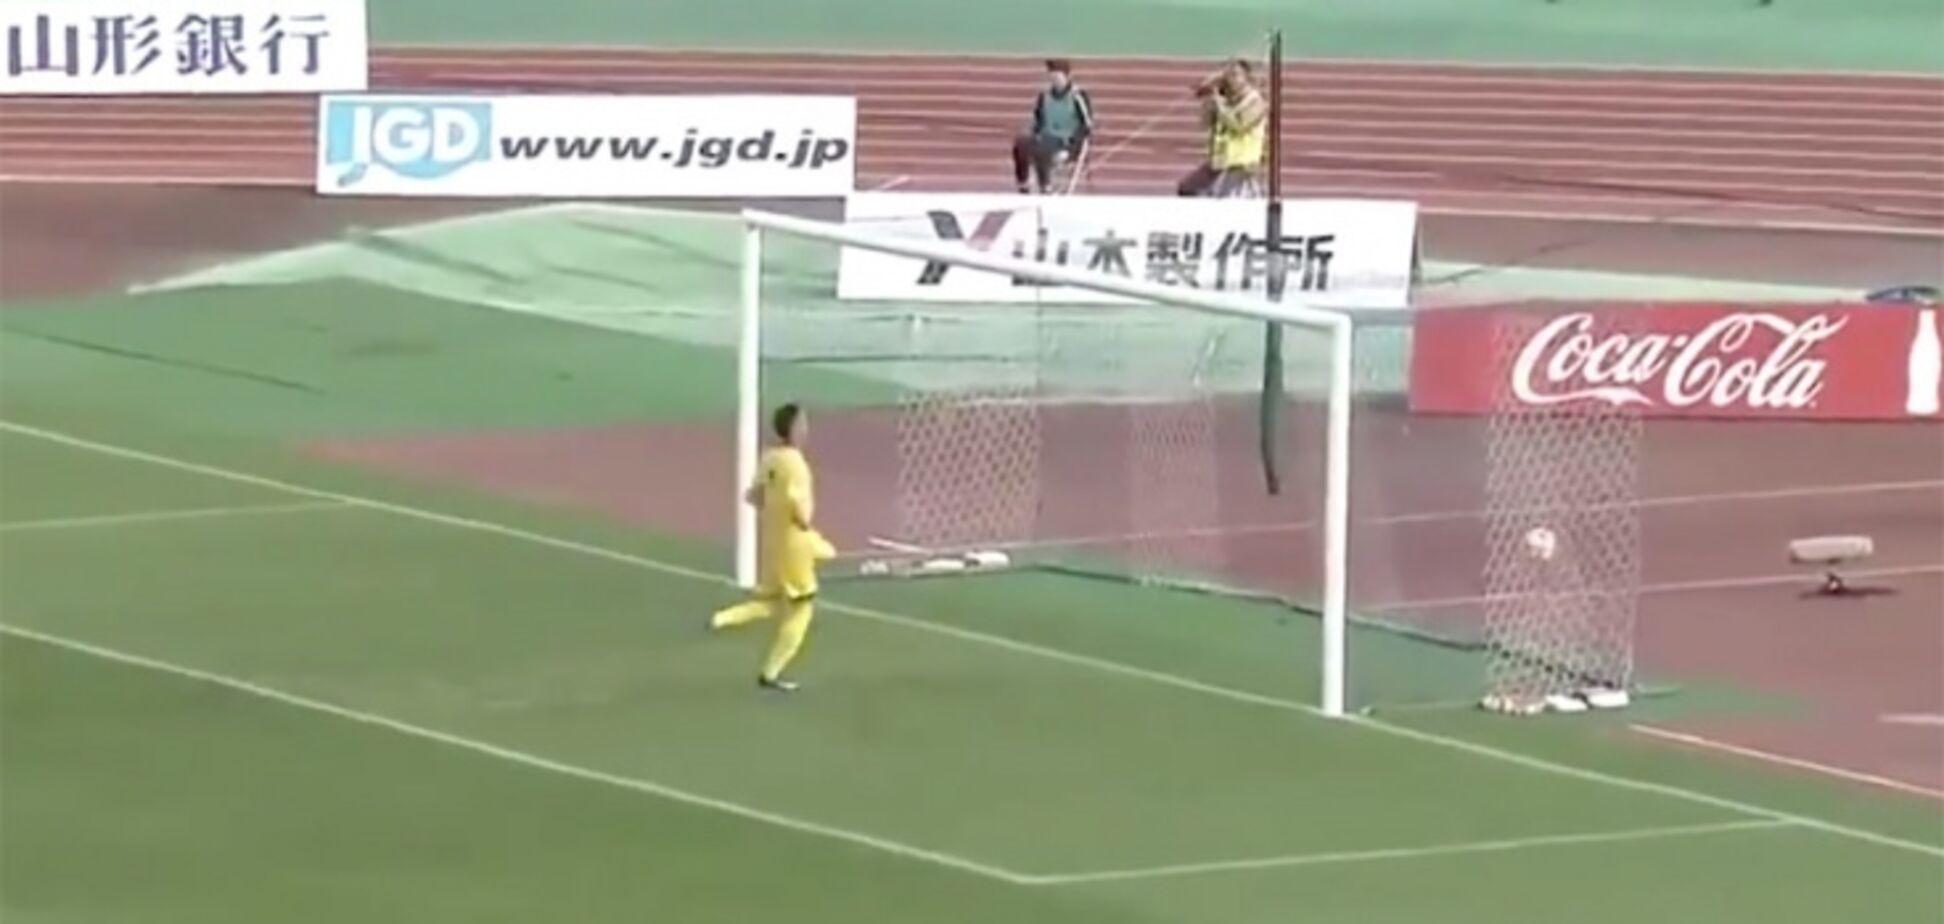 'Ушел за пивом': японский вратарь пропустил два гола с центра поля за одну минуту